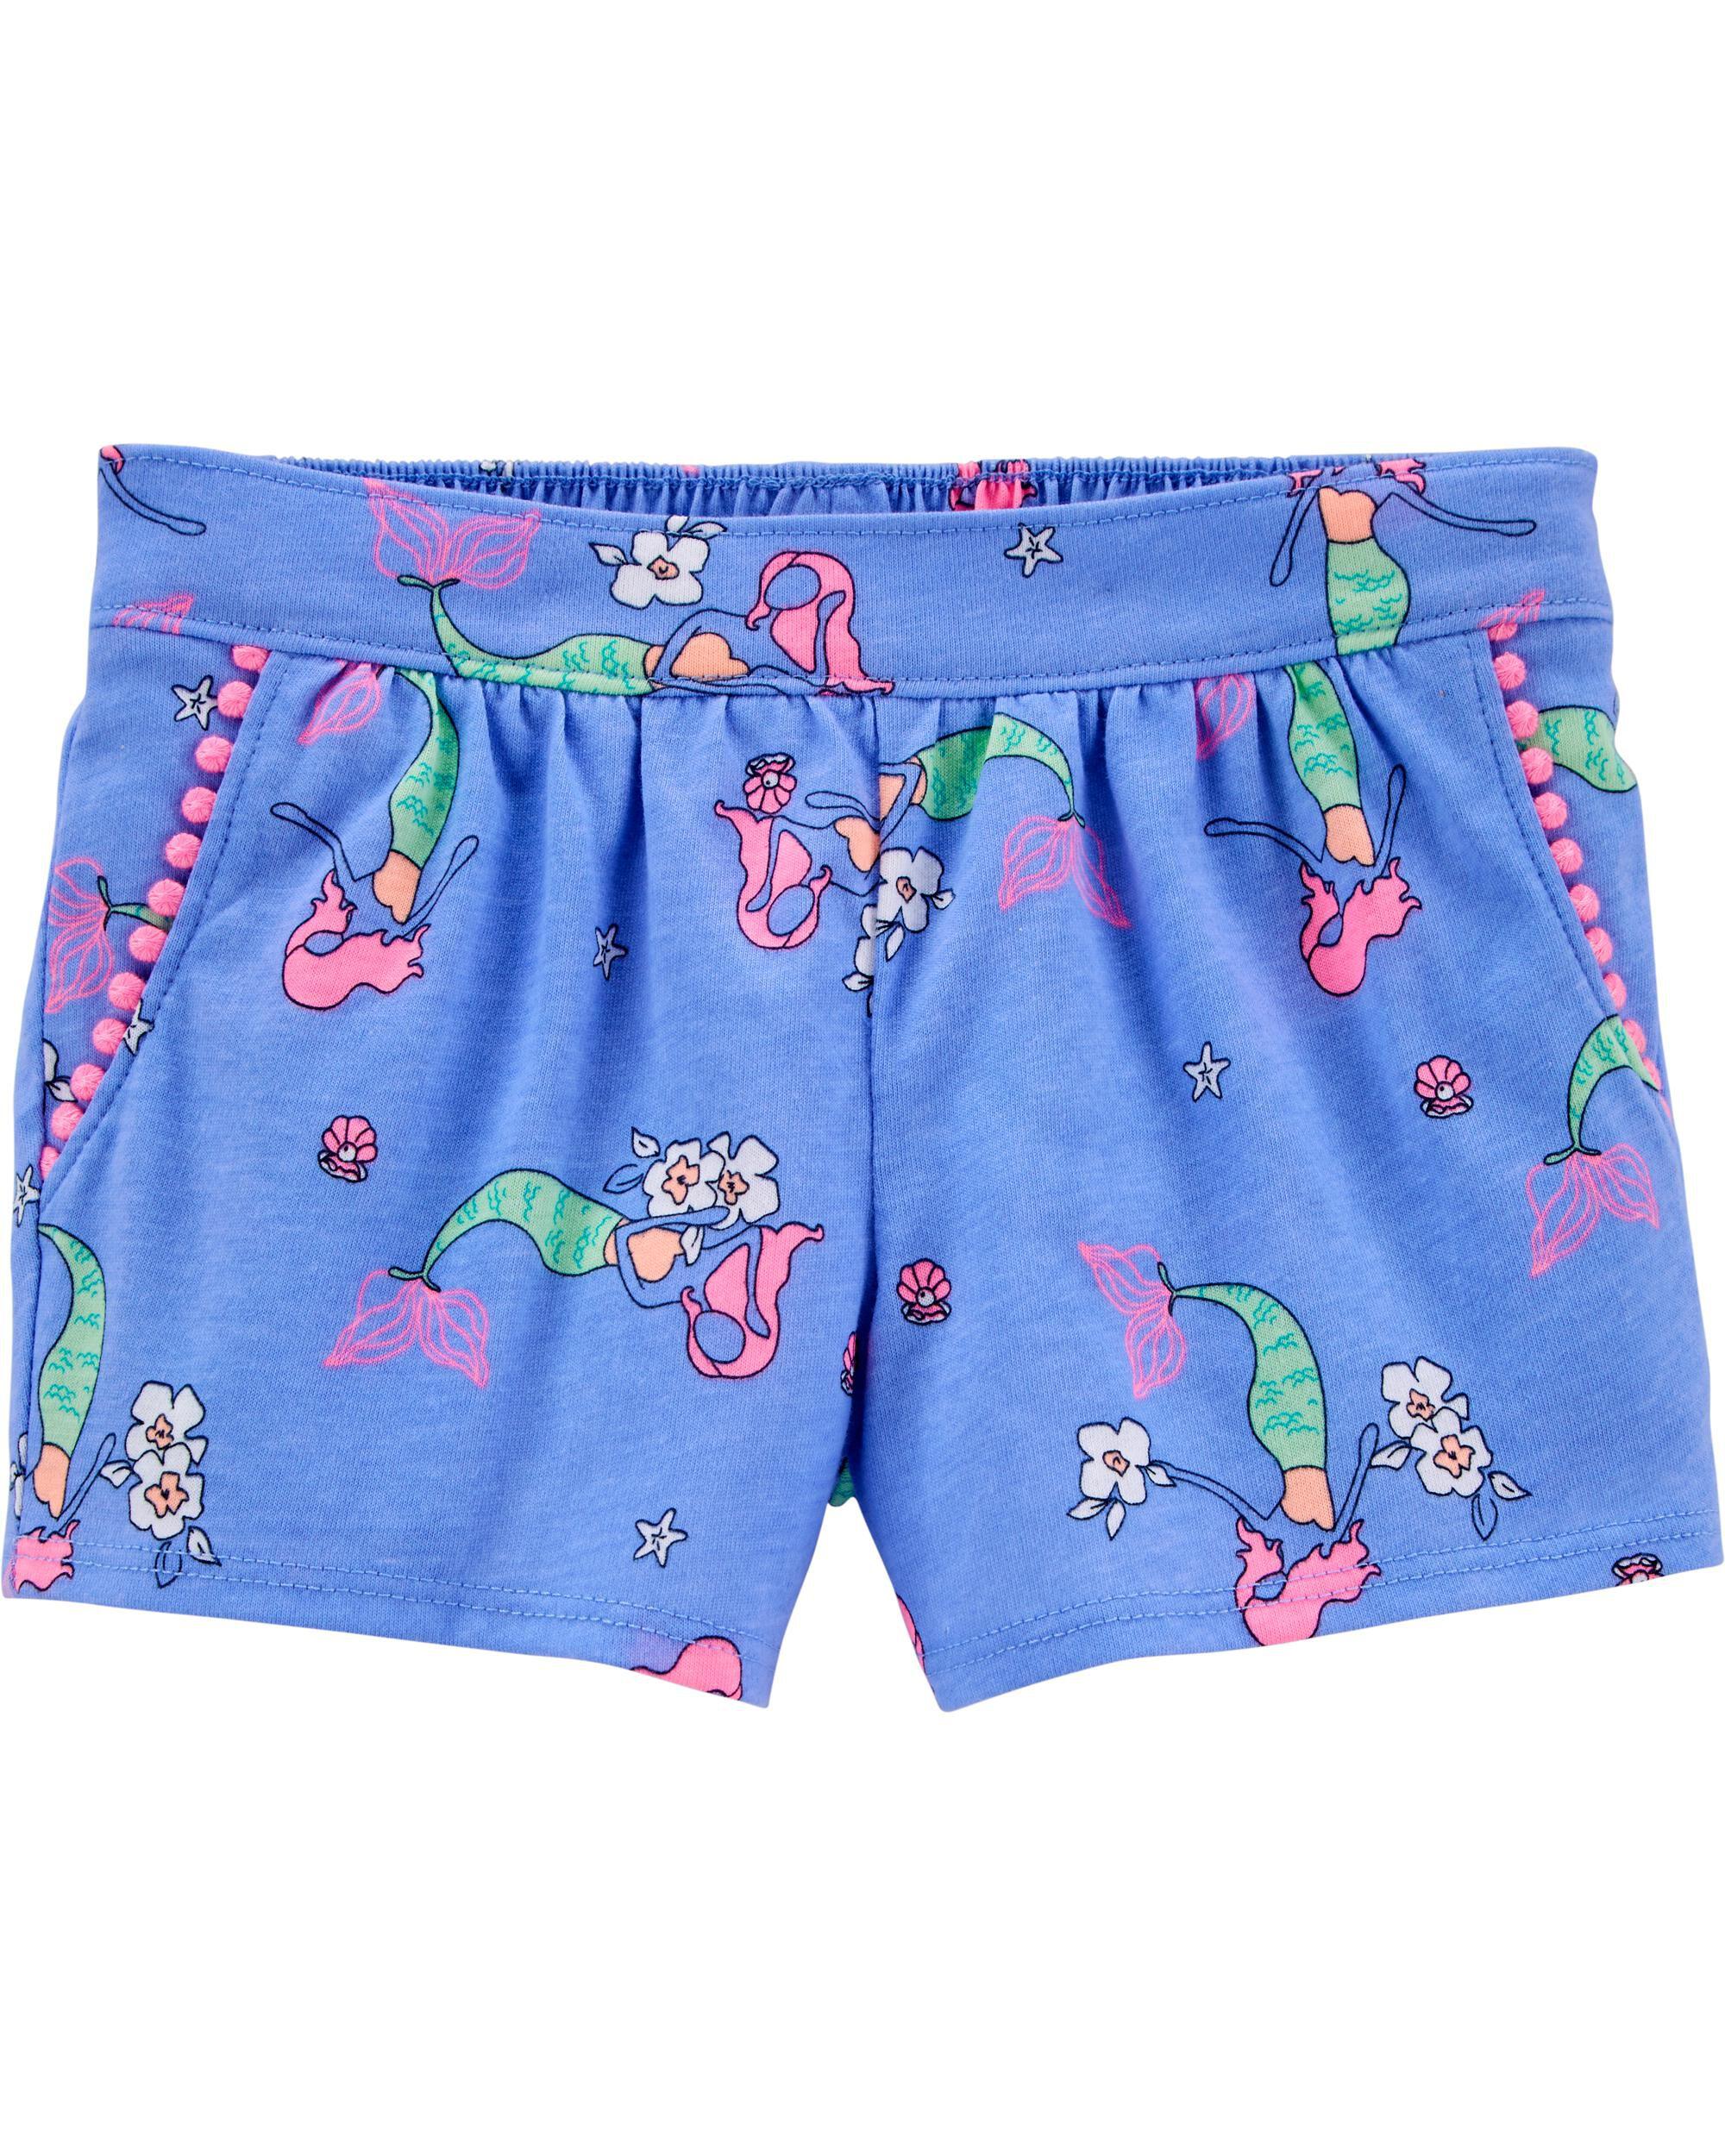 *DOORBUSTER* Mermaid Pom Pom Shorts